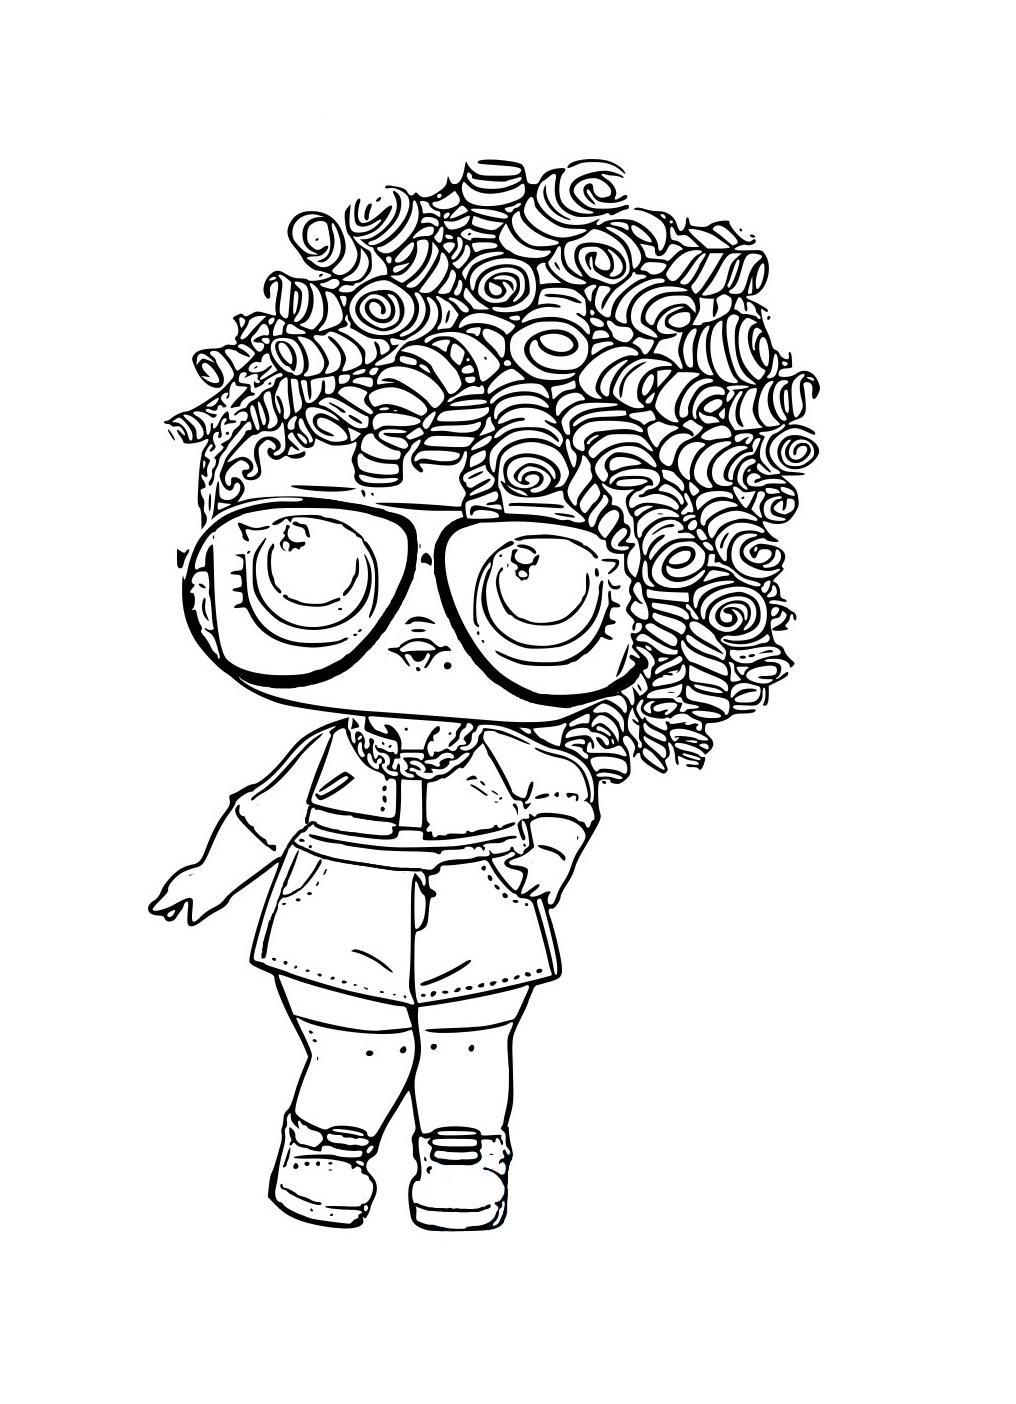 ЛОЛ серия с волосами - Куклы LOL - Раскраски антистресс